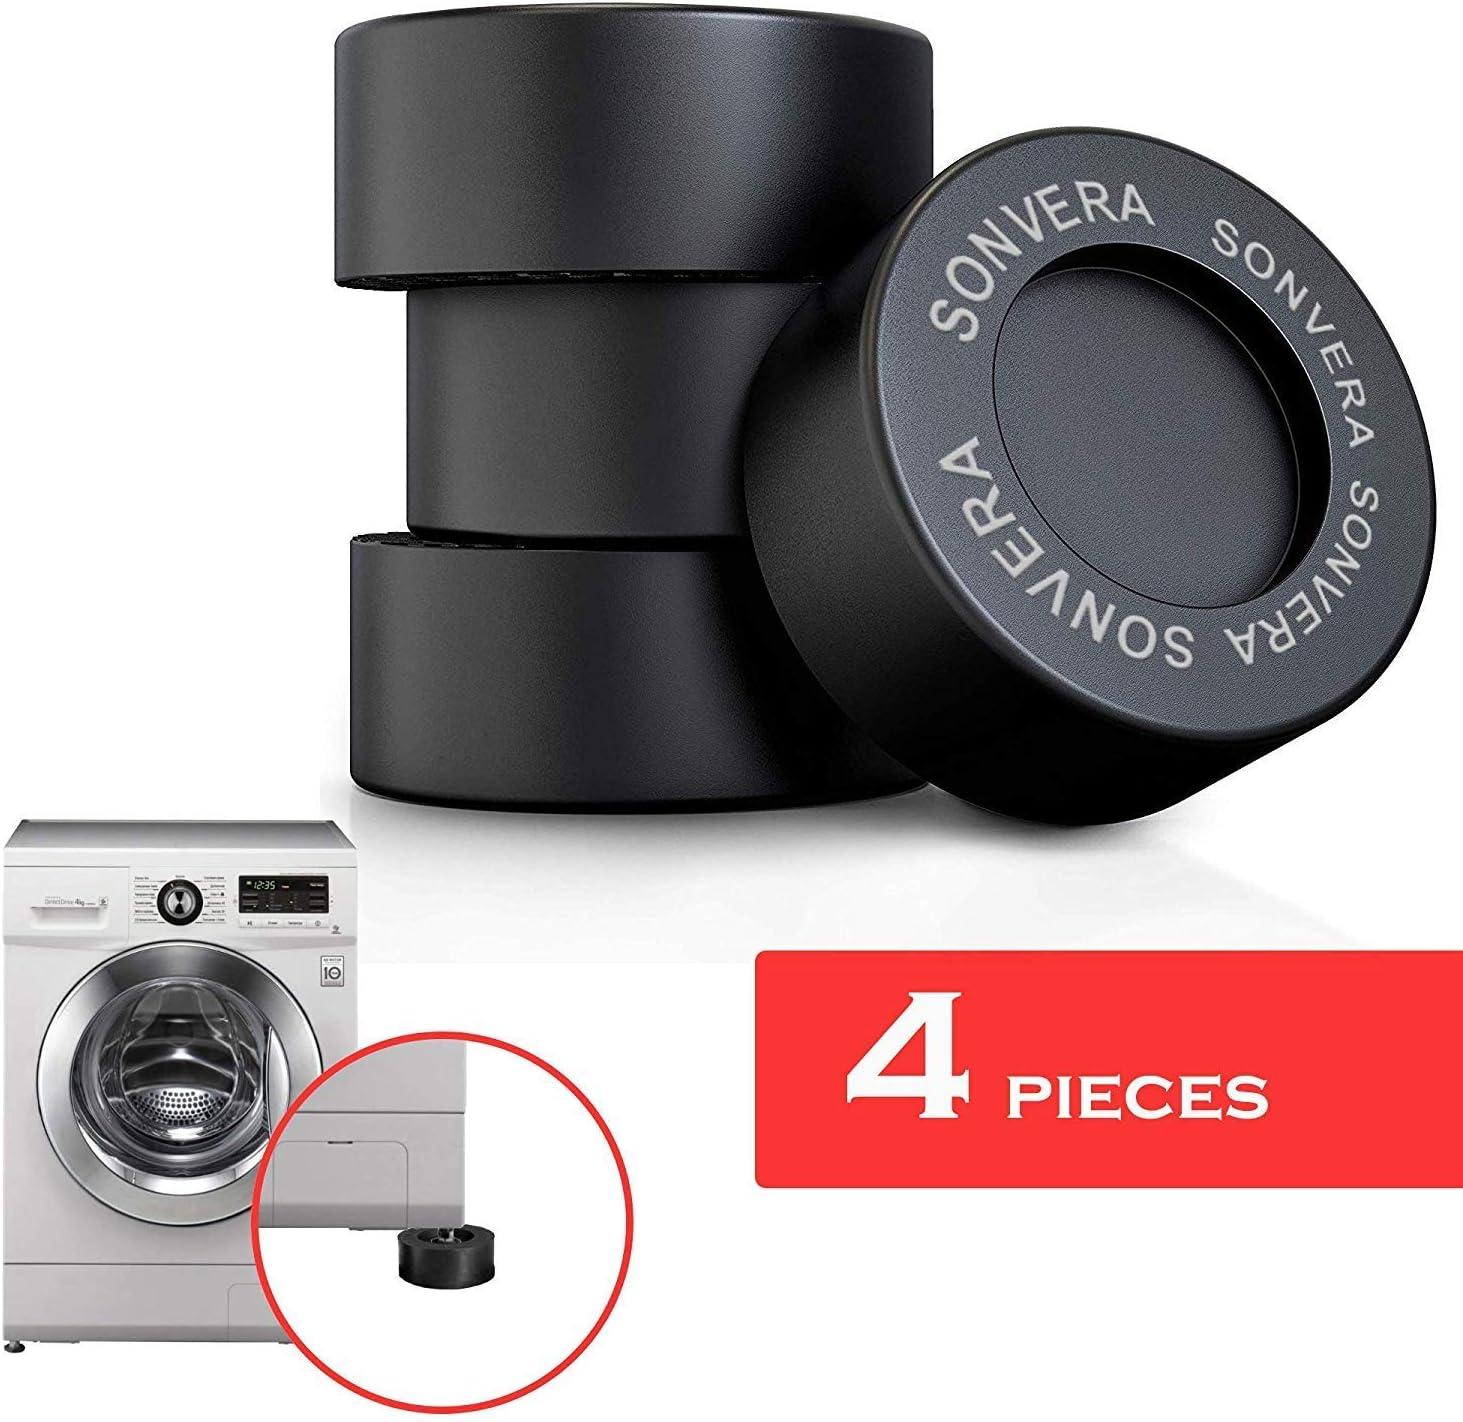 Sonvera Pads Anti Vibrasion Pads Washing Machine Anti Vibration Pads Washer Foot Pads Stabilizer Shock Absorber Set of 4